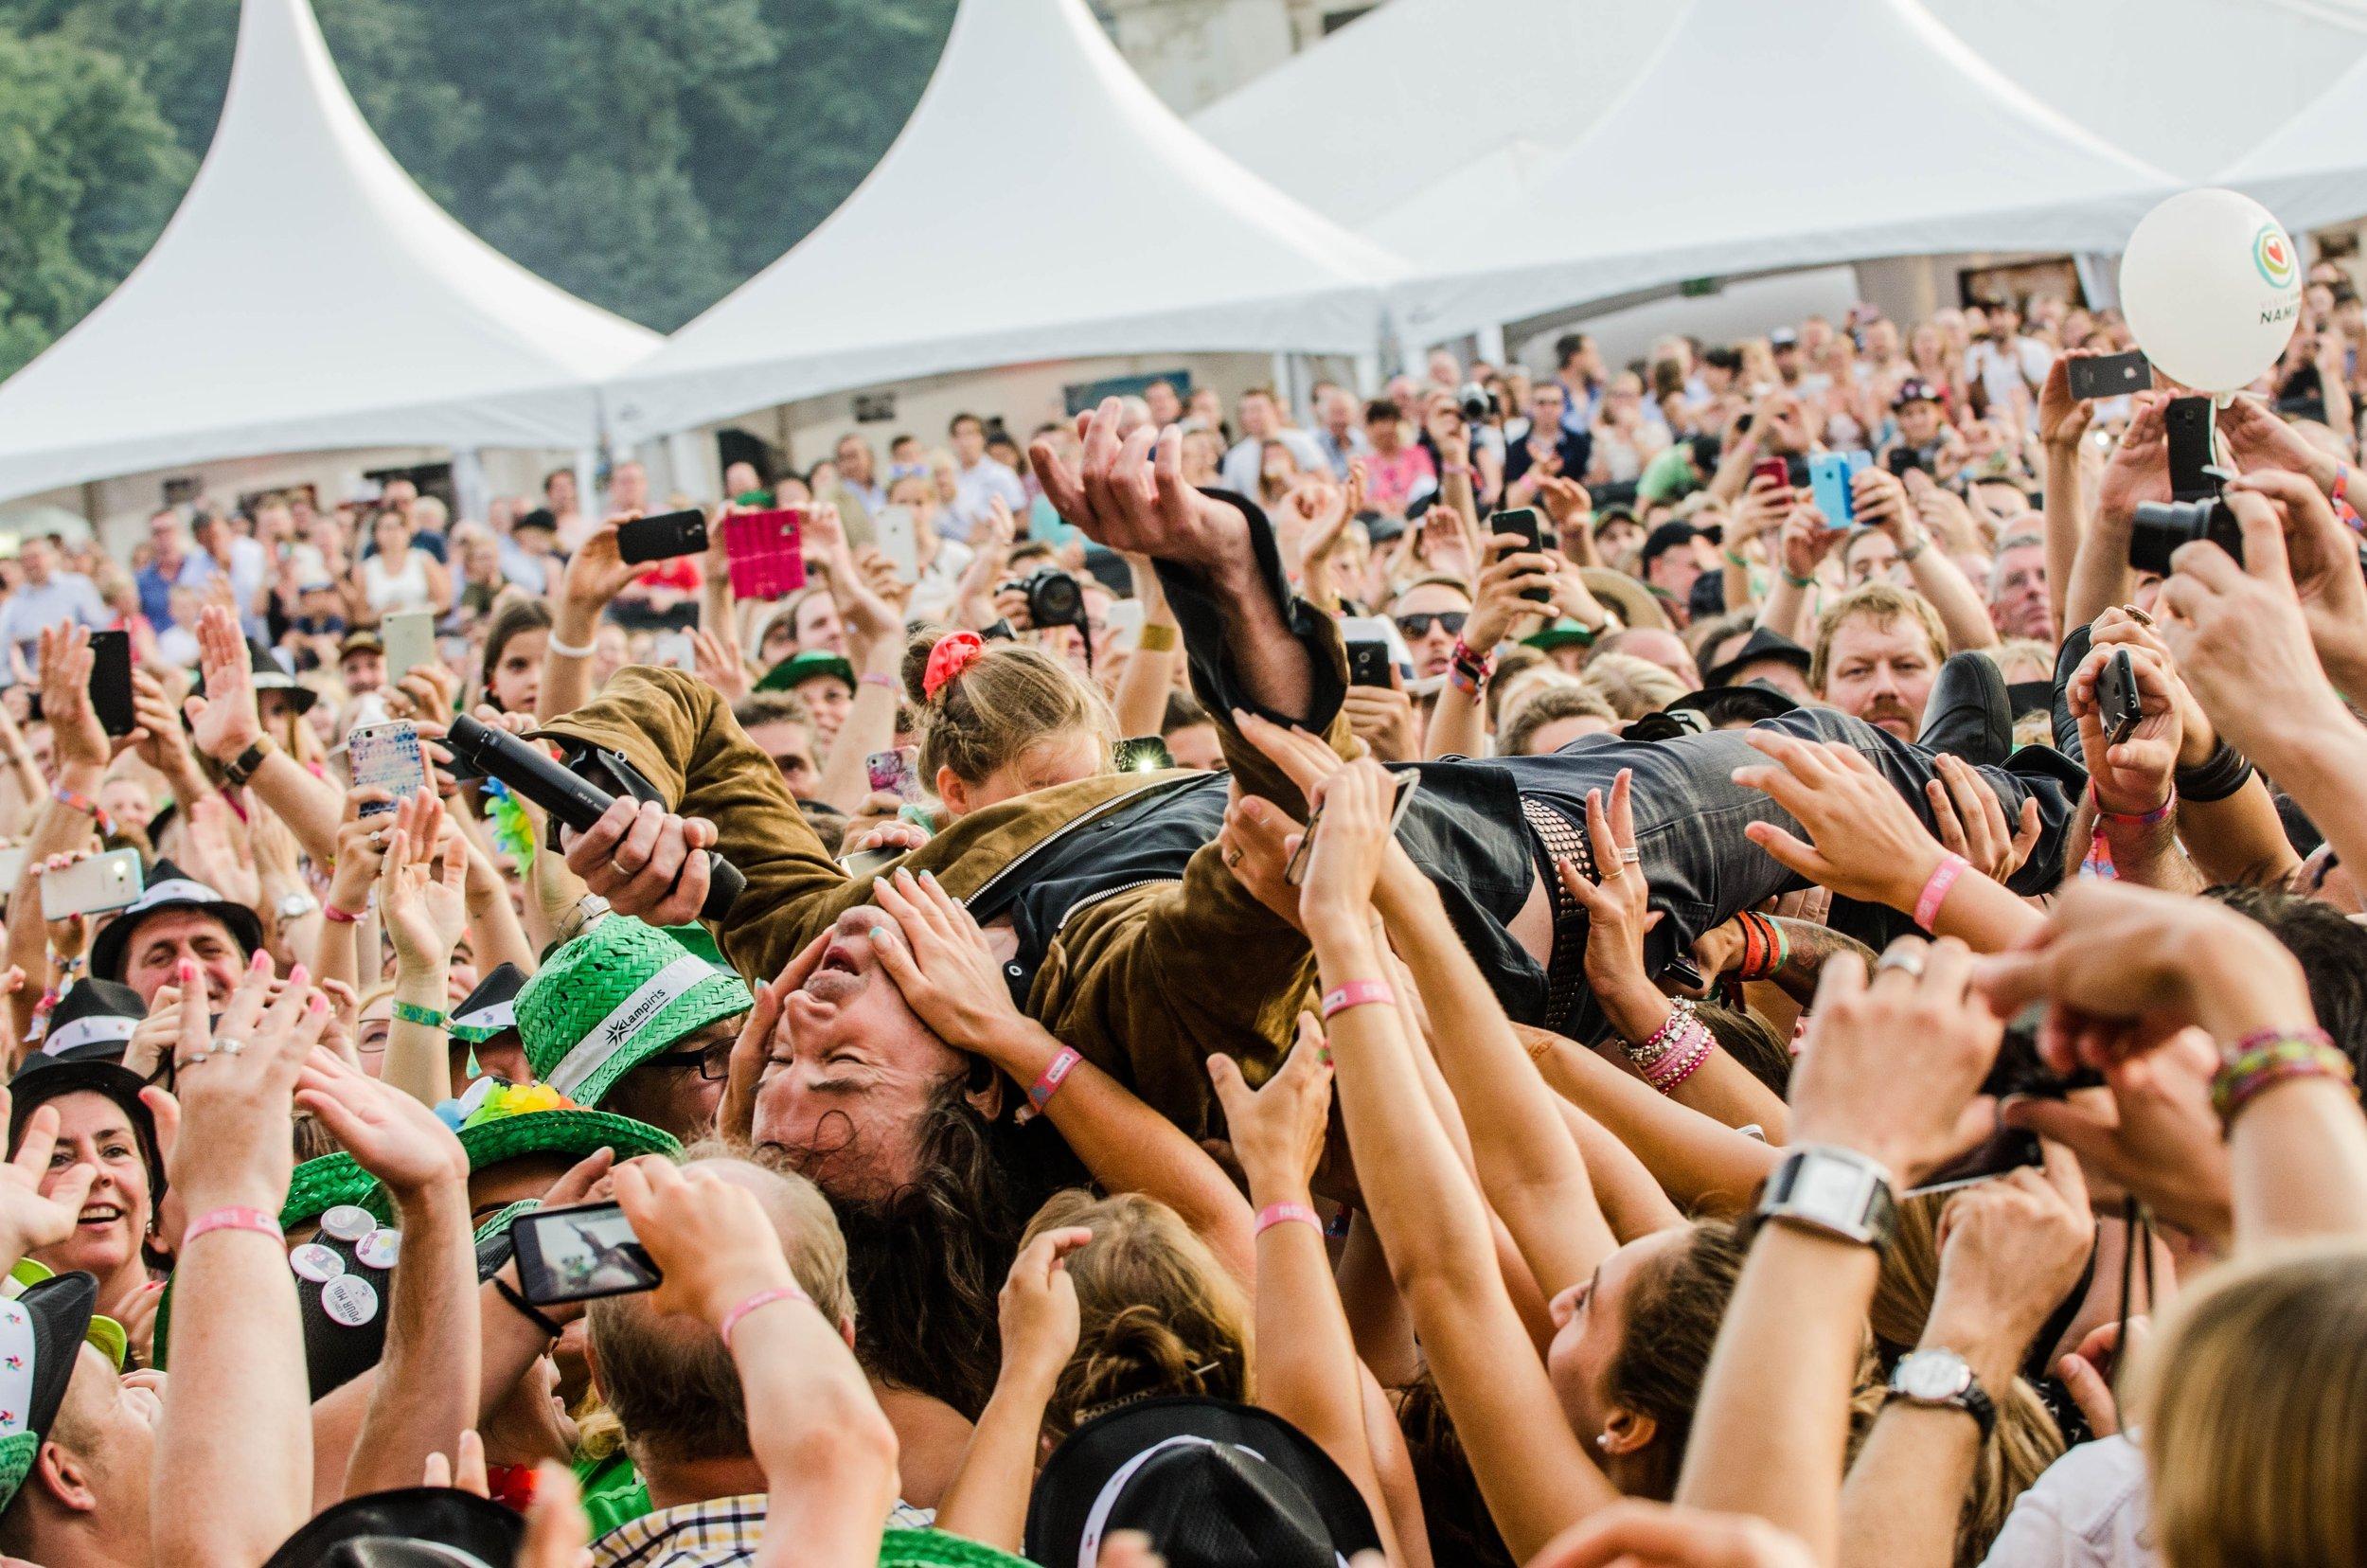 audience-concert-crowd-167591.jpg